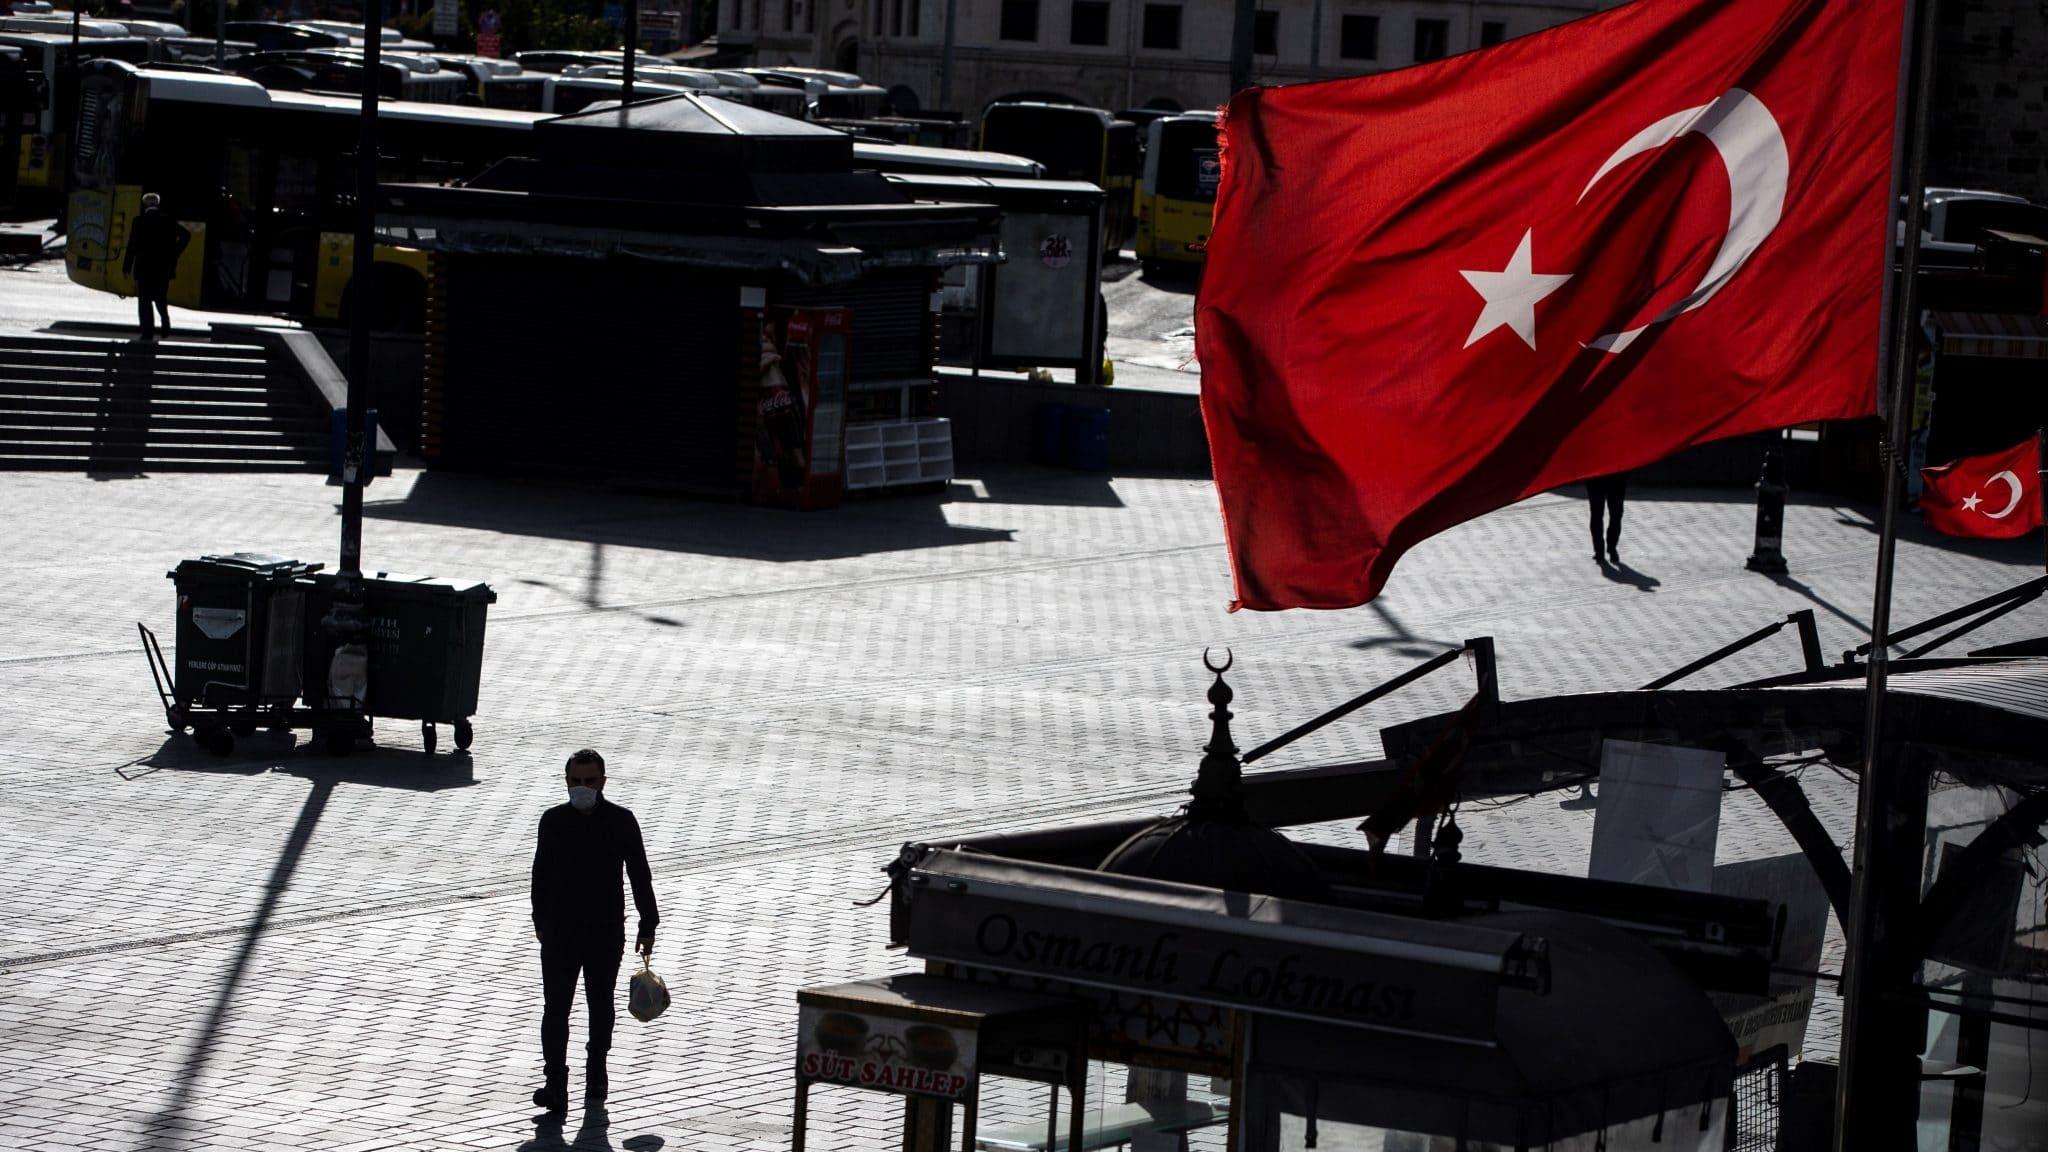 238 arrestime në radhët e ushtrisë turke: Akuzohen për lidhje me Gulen